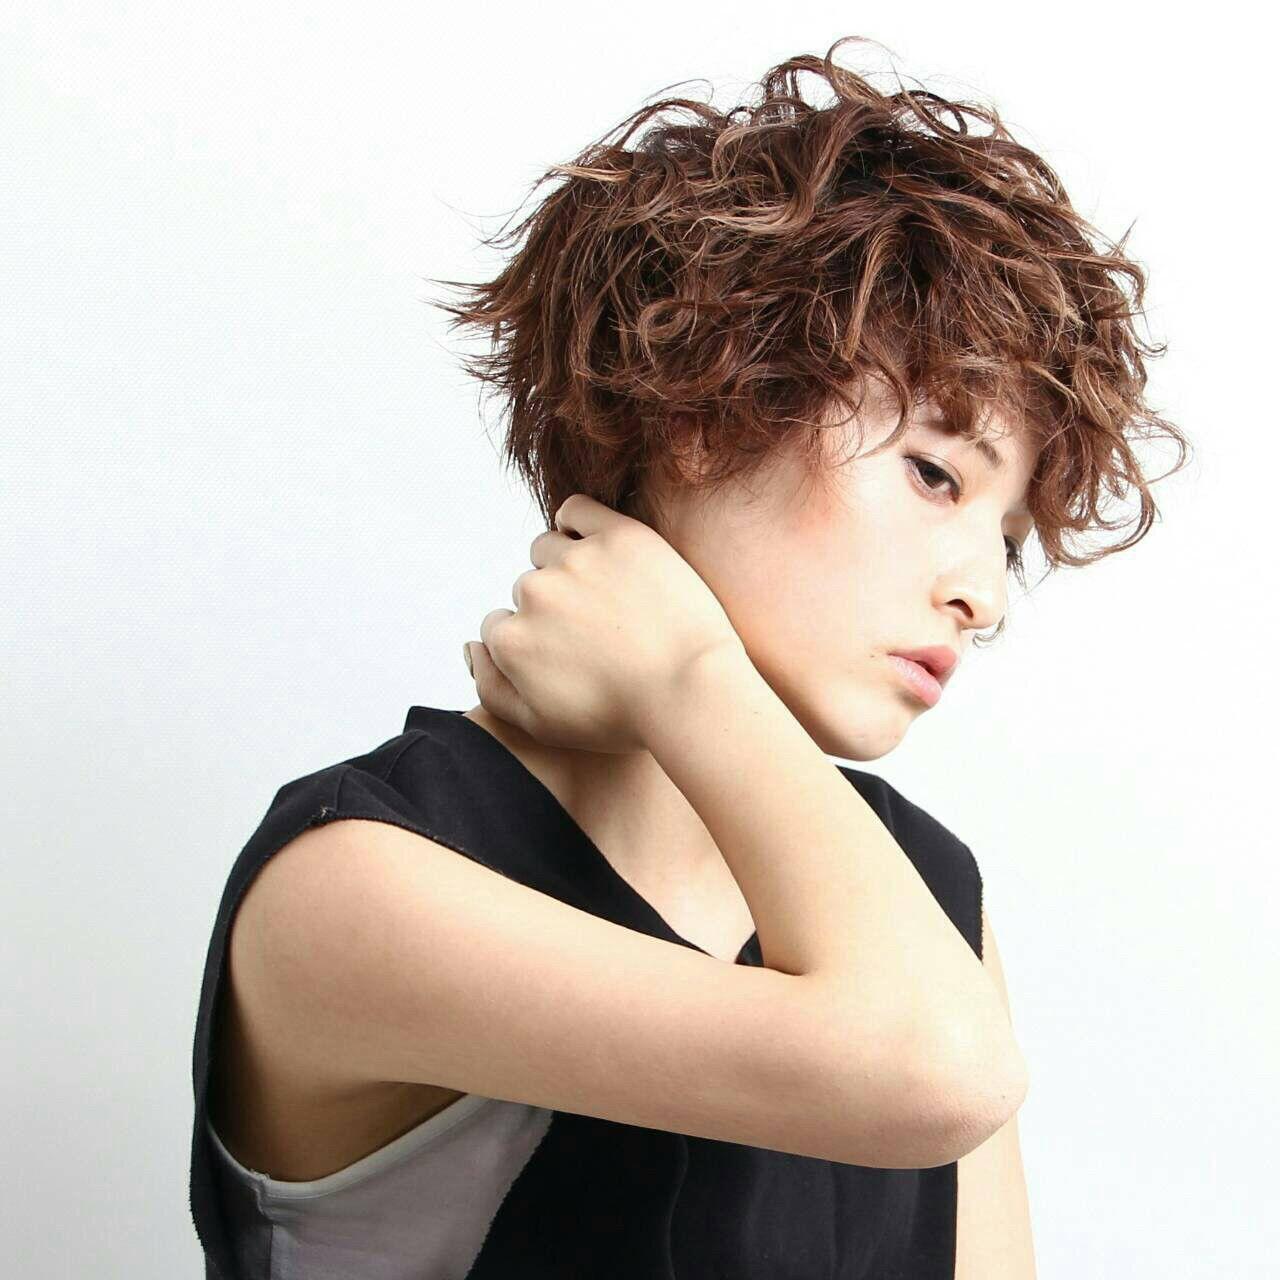 2019 年の「【HAIR】えなちぃさんのヘアスタイルスナップ(ID ...